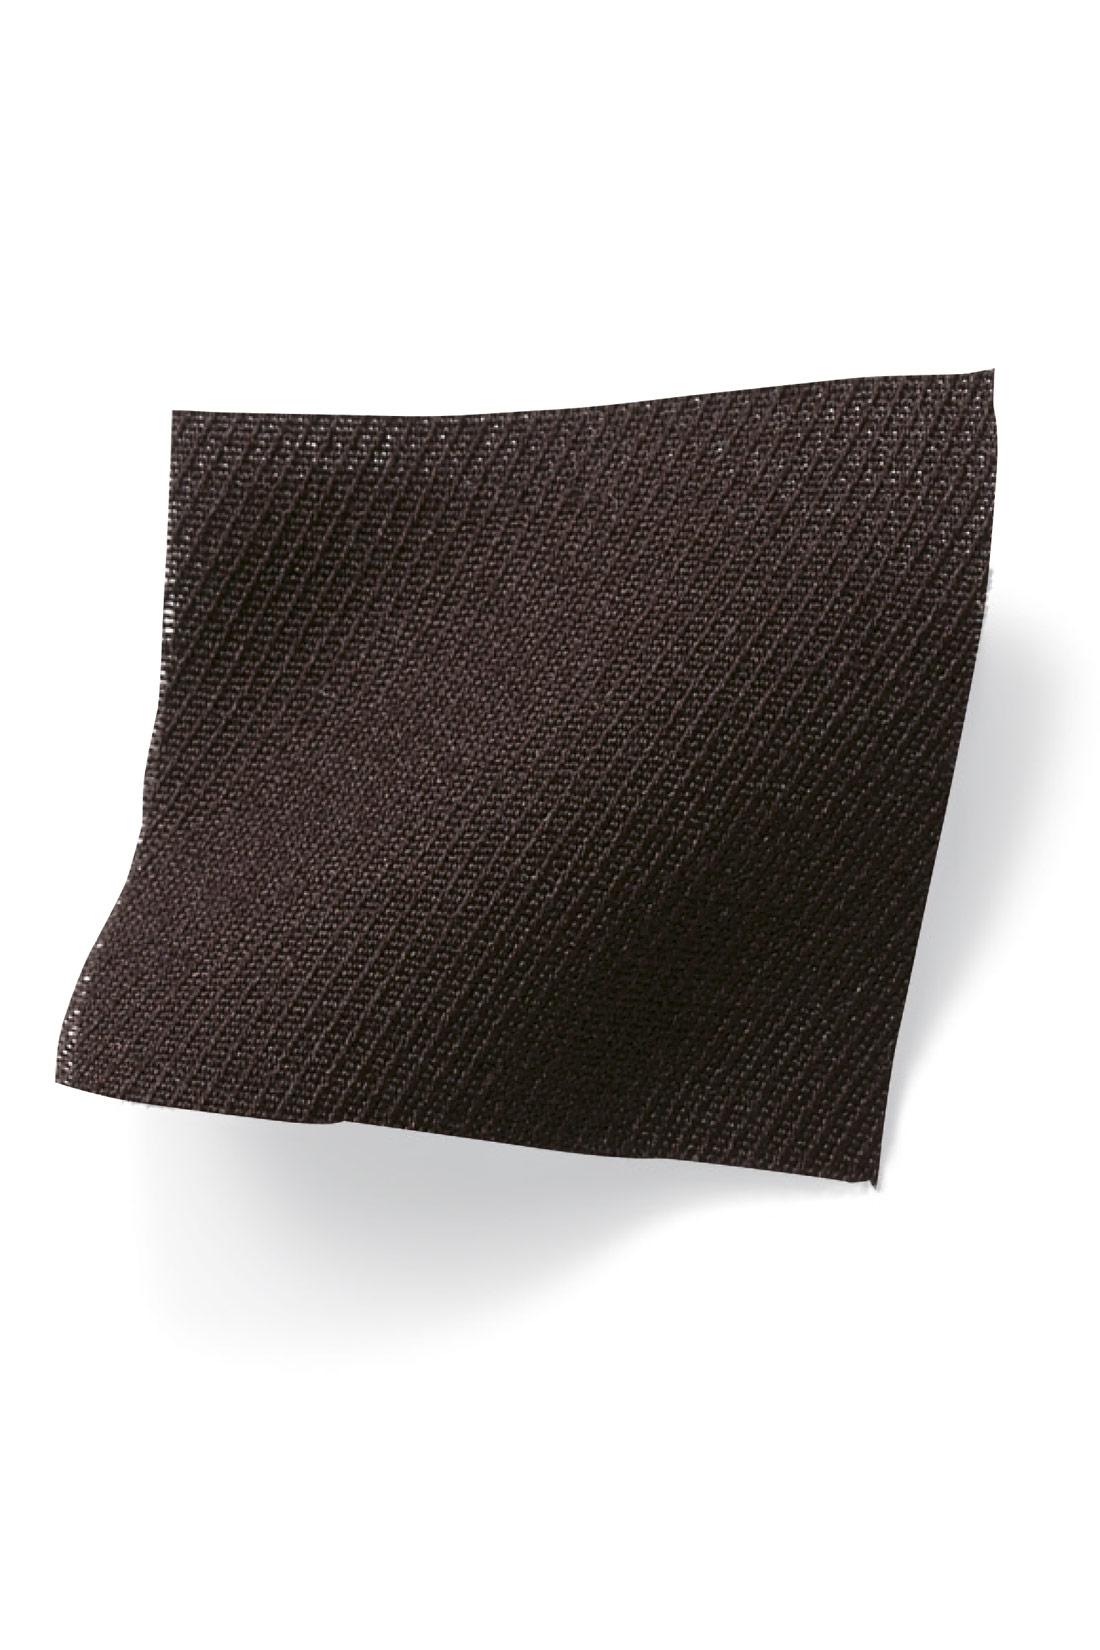 レーヨン混の軽やかで落ち感のある布はく素材。